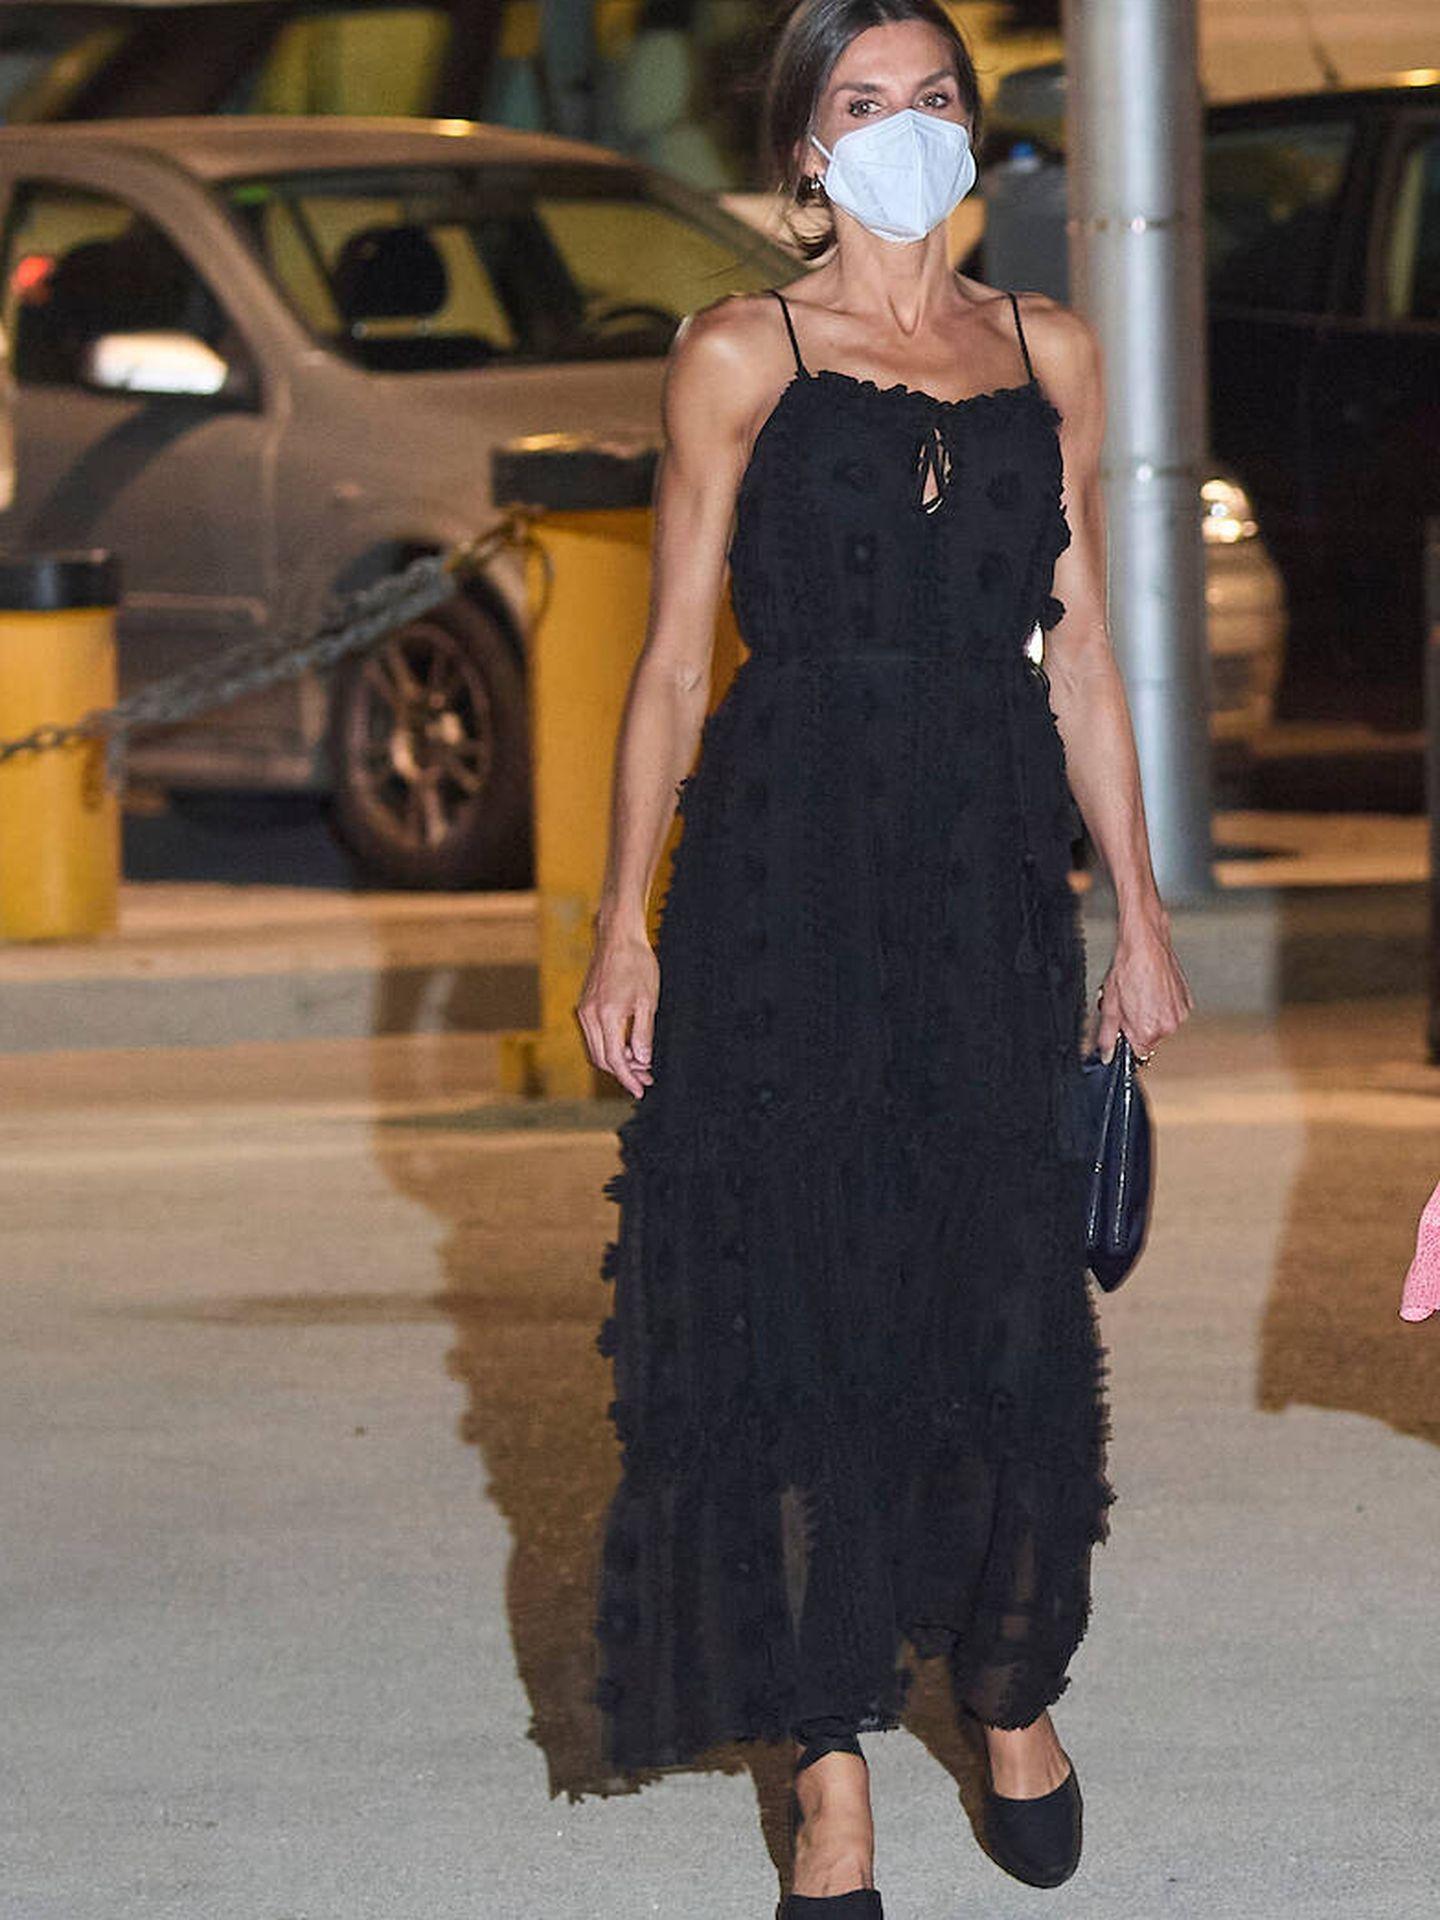 La reina Letizia en Mallorca con vestido negro. (Limited Pictures)